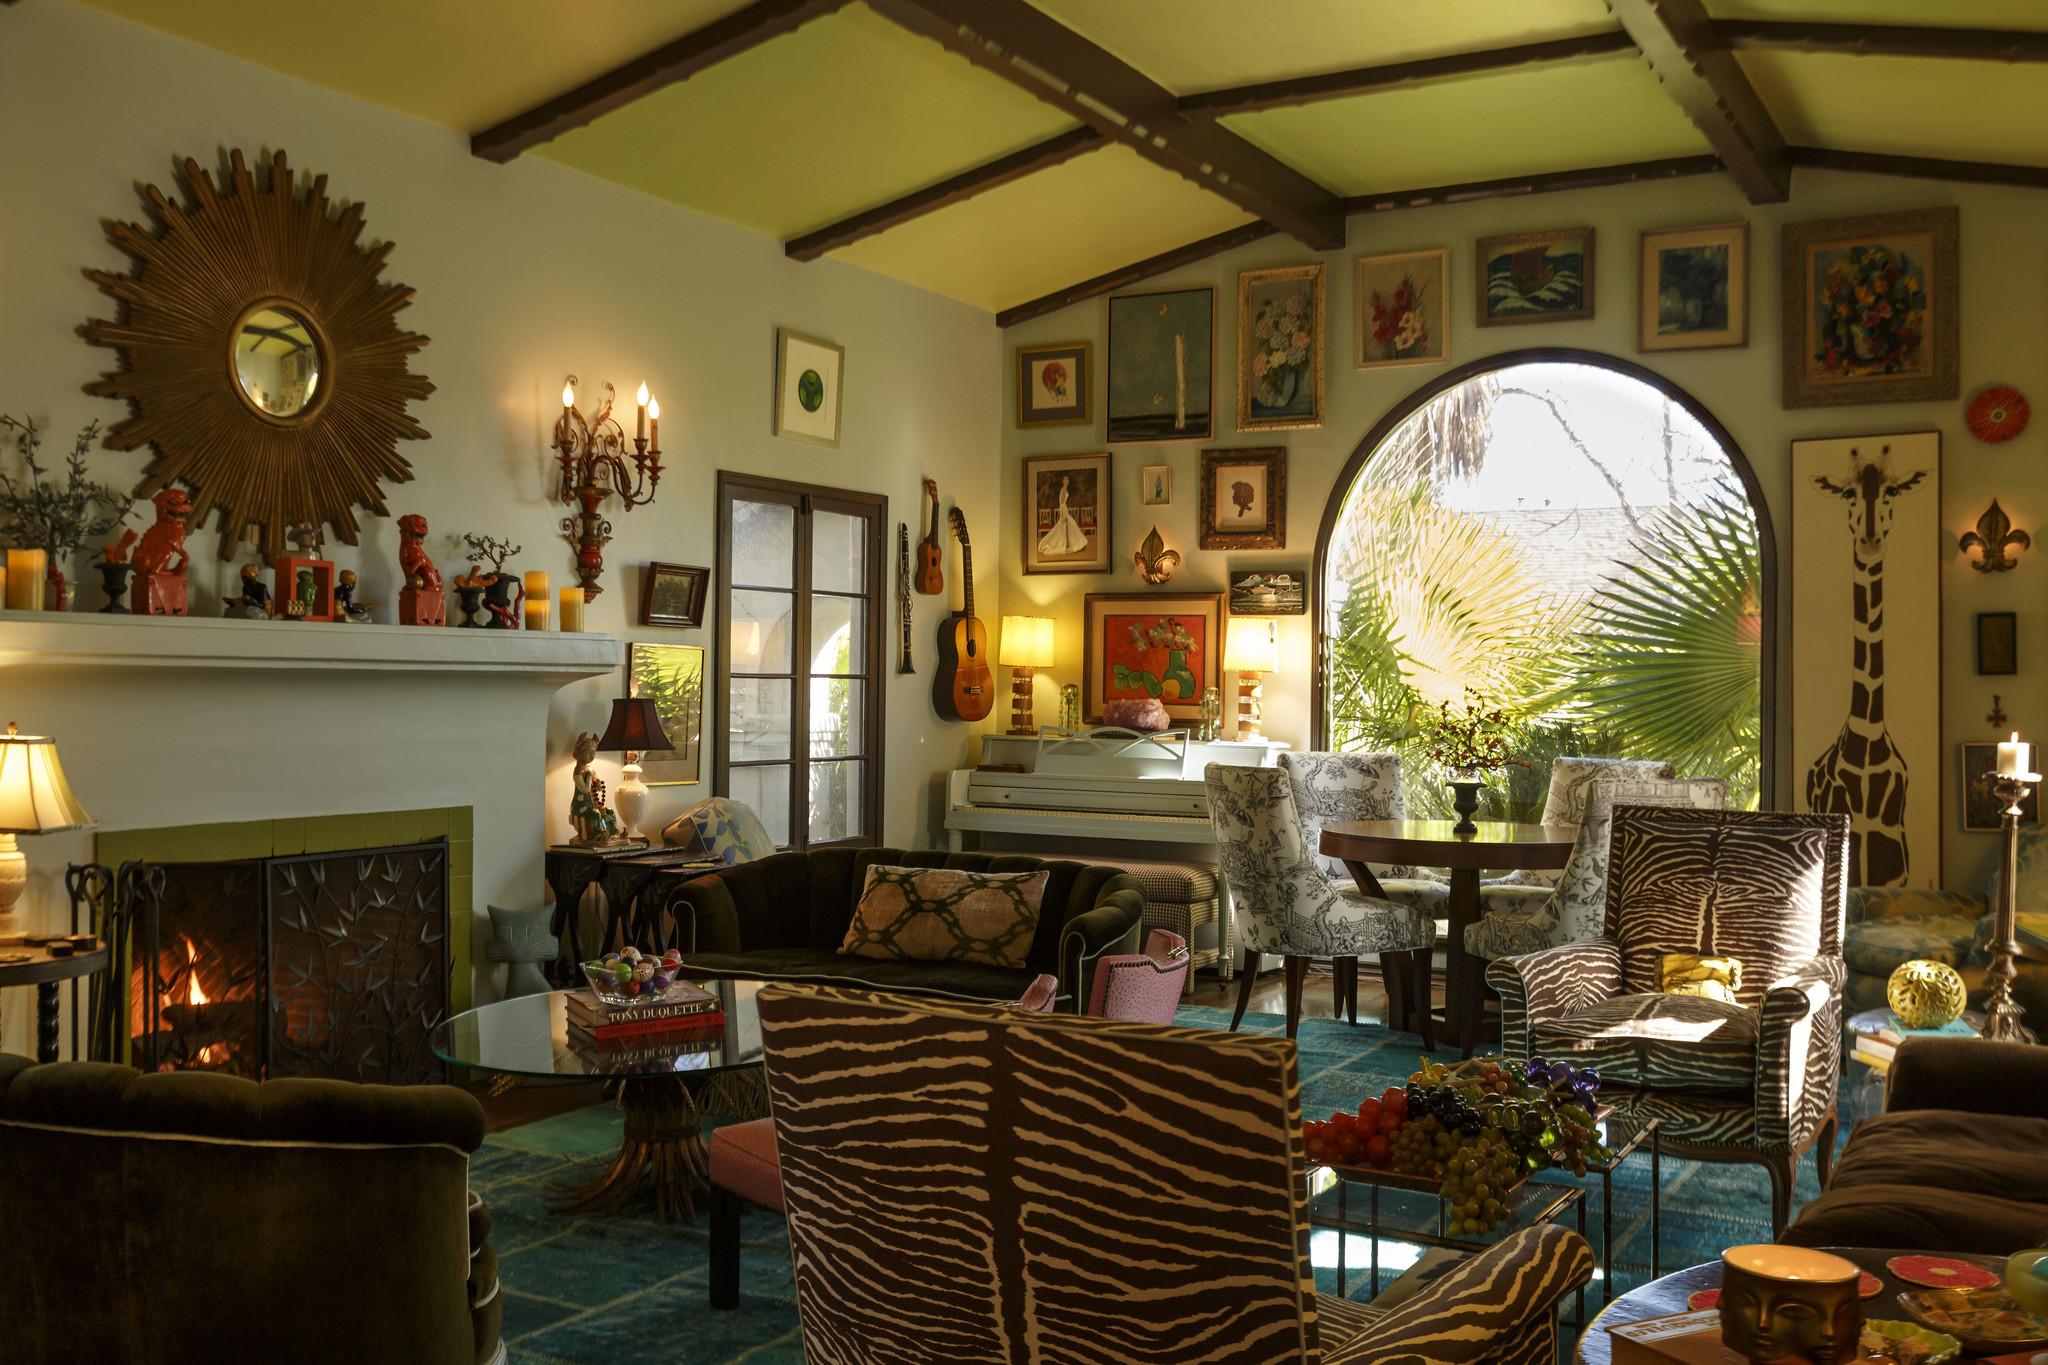 16 ways to hang art salon-style - LA Times